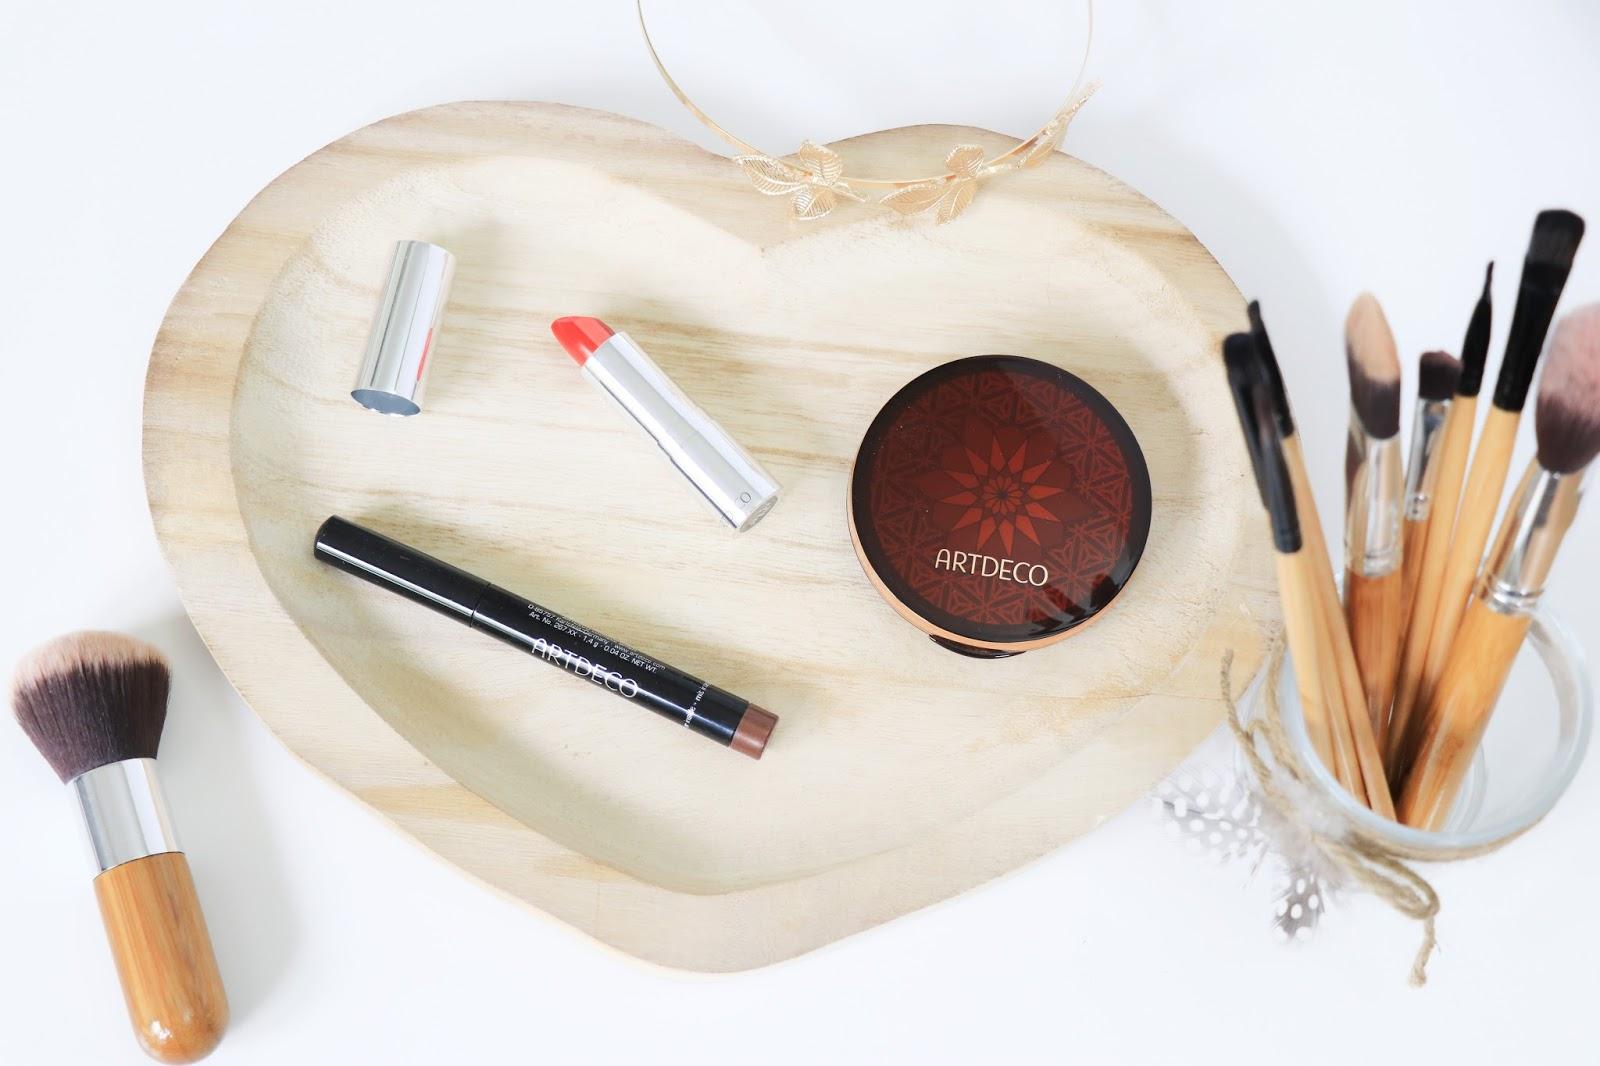 les gommettes de melo gommette artdeco maquillage makeup rouge a levres ombre 3 couleurs comment porter bronzer astuce tuto tutoriel etape